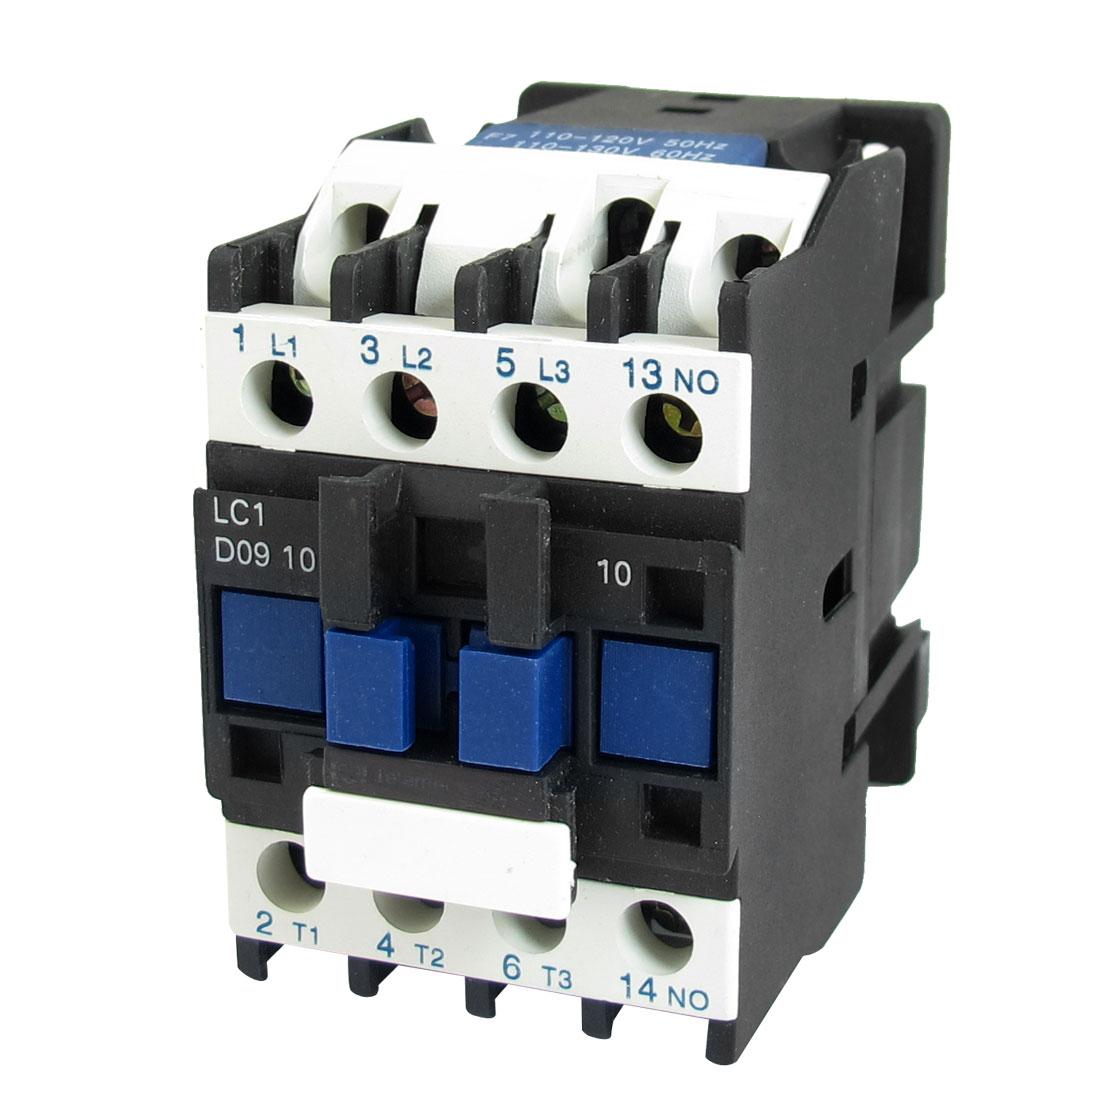 LC1-D0910 AC Contactor 25A 690V 3 Poles One NO 220-230V 50Hz Coil